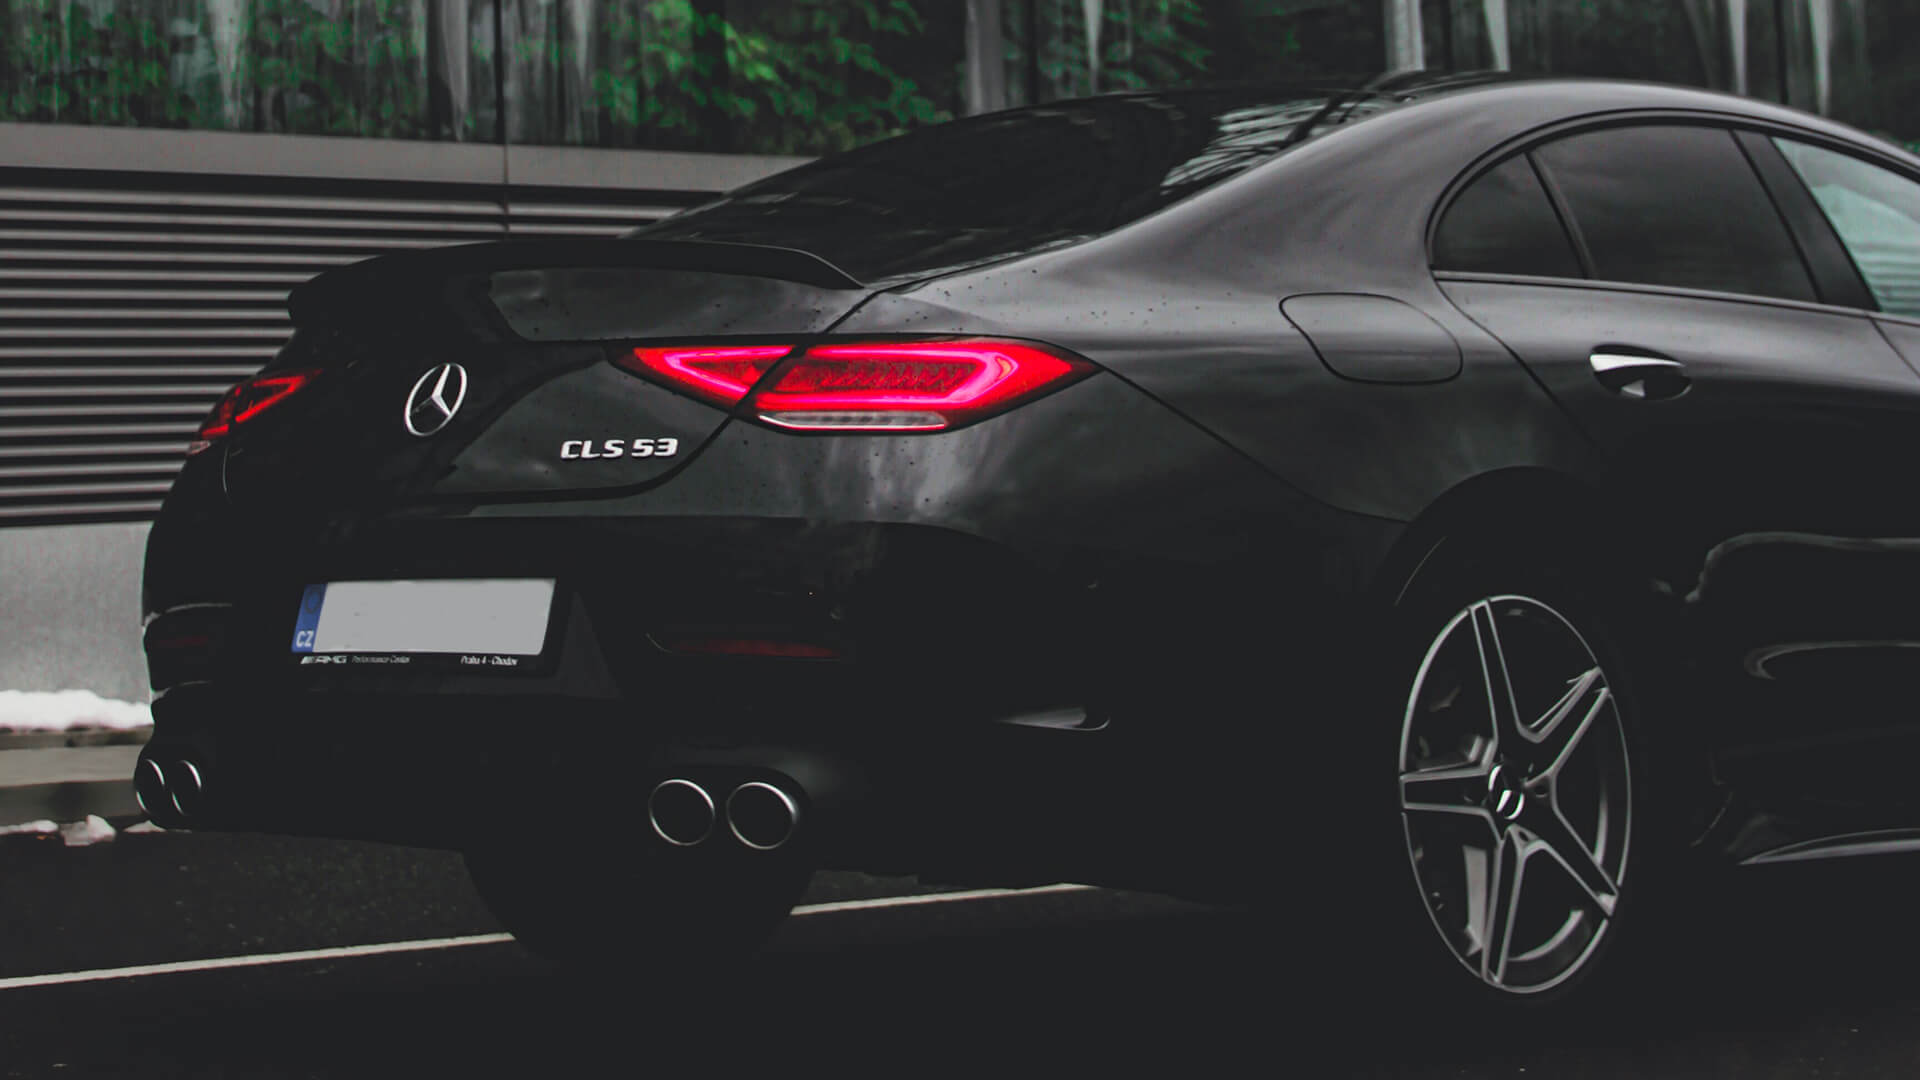 CLS Class Mercedes-Benz